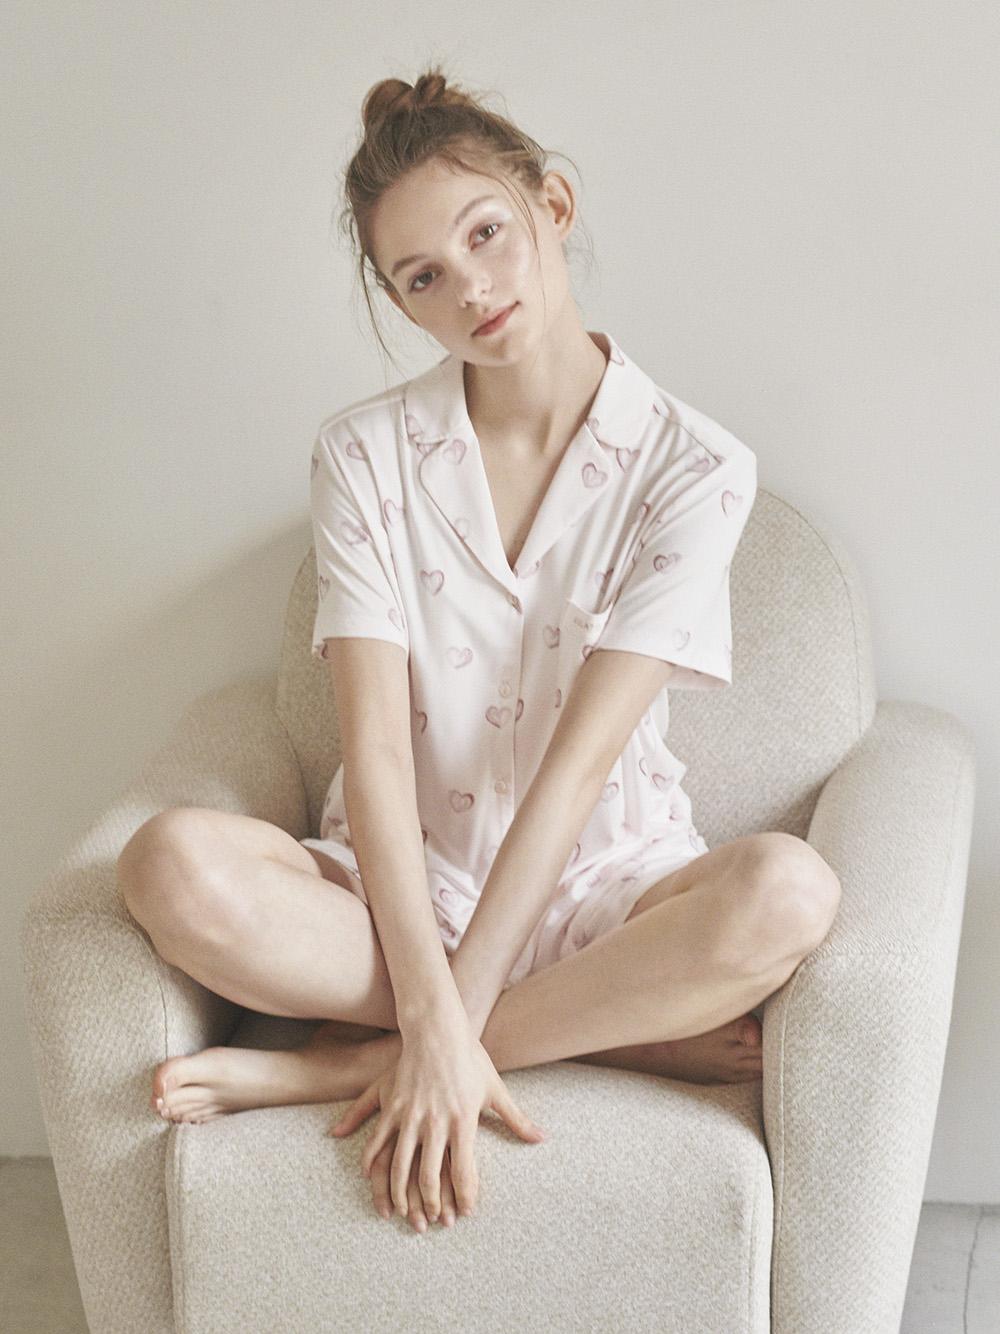 愛心印花嫘縈襯衫